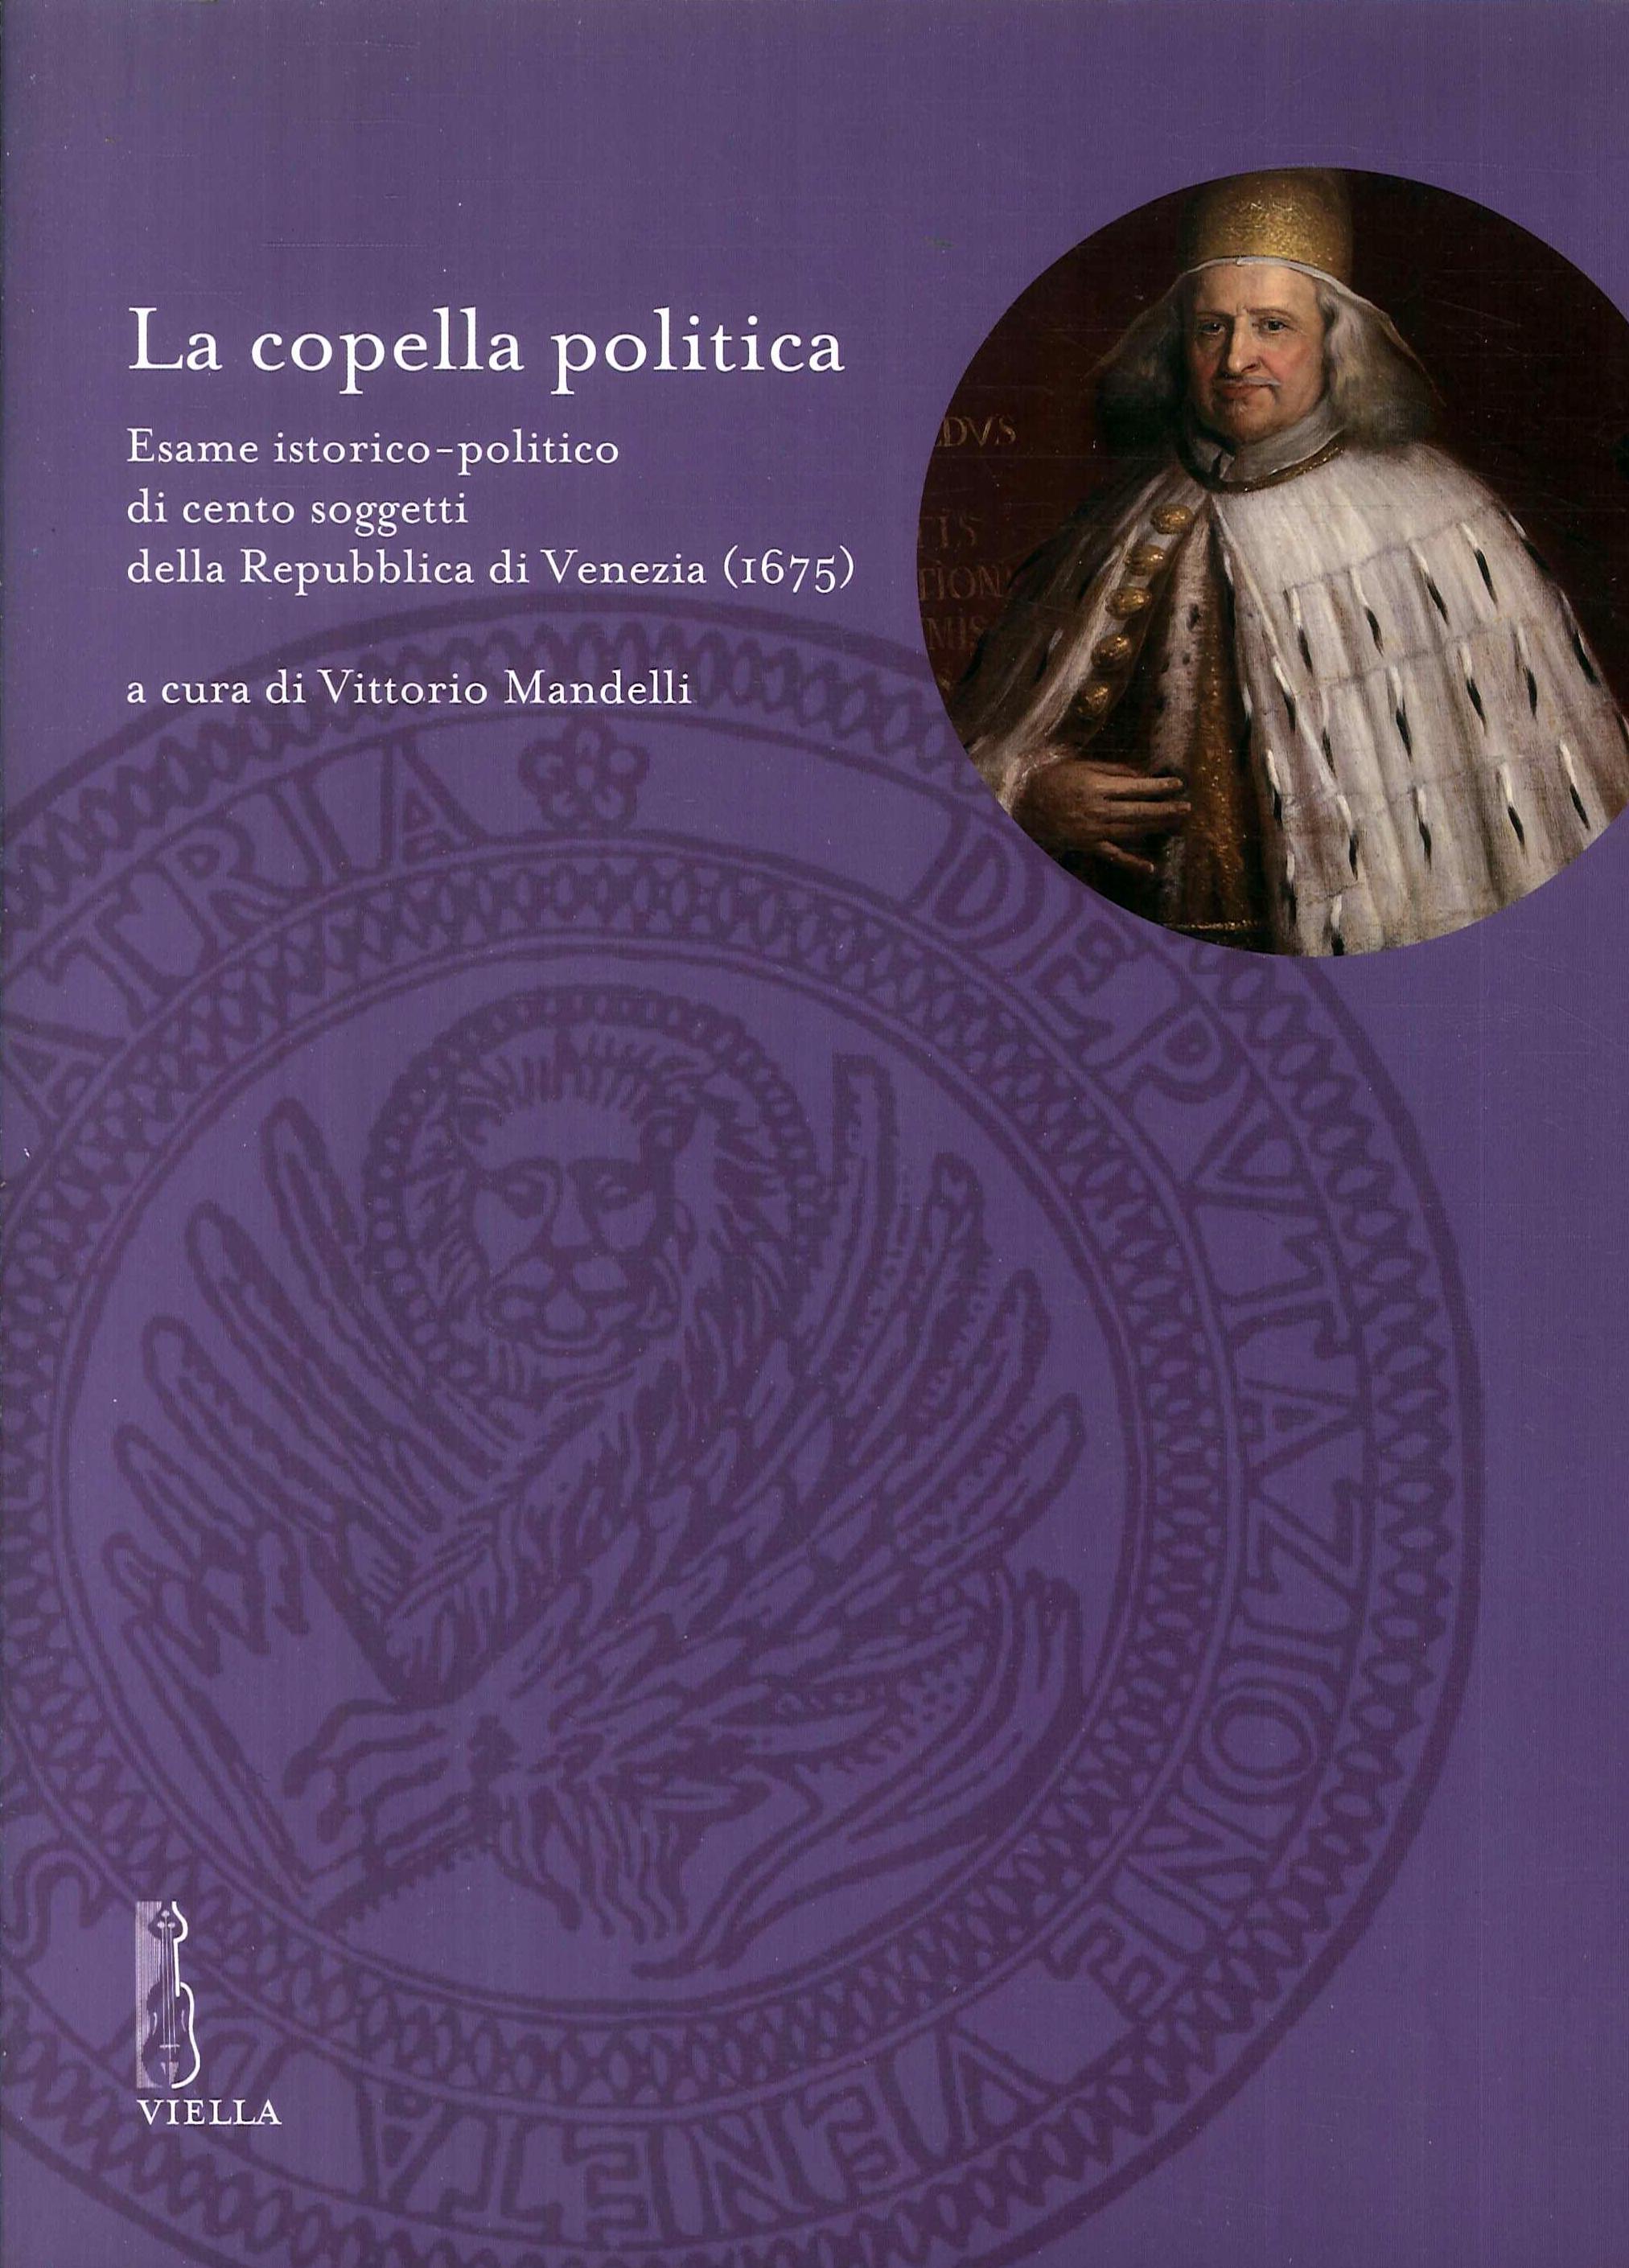 La copella politica. Esame istorico-politico di cento soggetti della Repubblica di Venezia (1675).